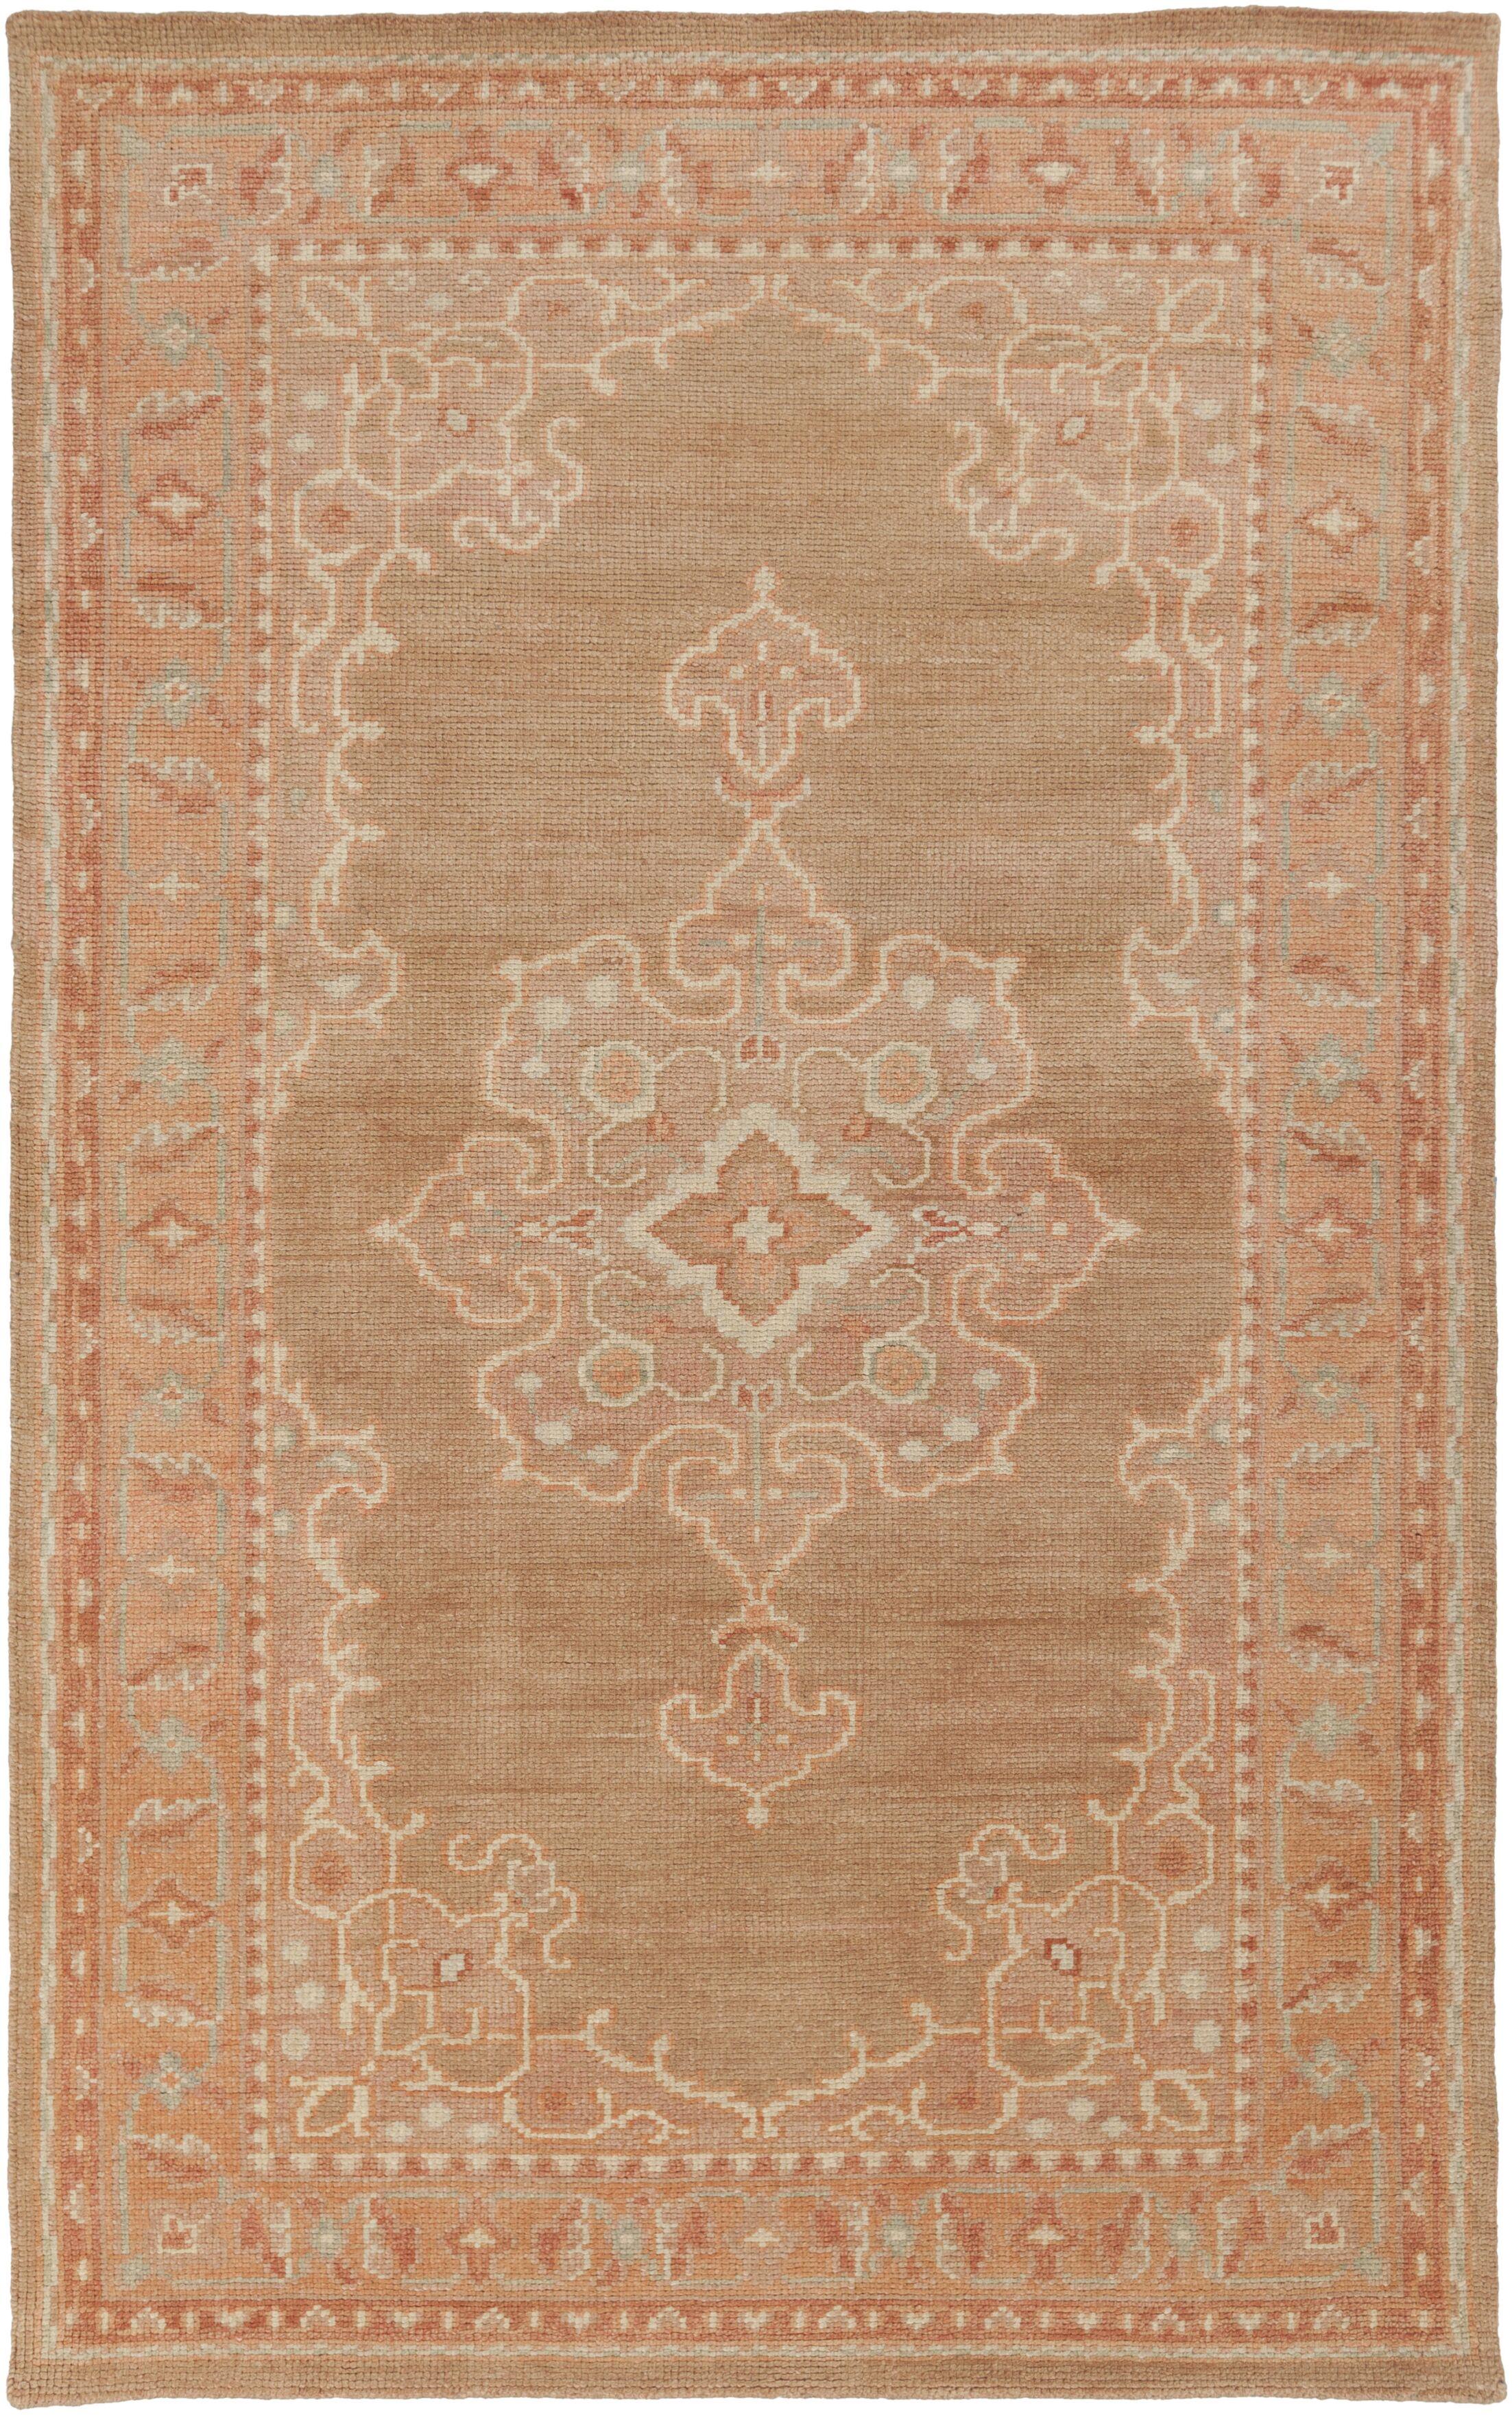 Orrville Mocha Oriental Area Rug Rug Size: Rectangle 5'6